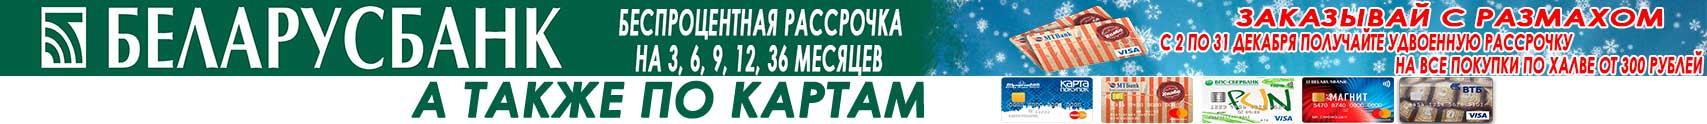 Акция Рассрока Беларусьбанк на Натяжные Потолки